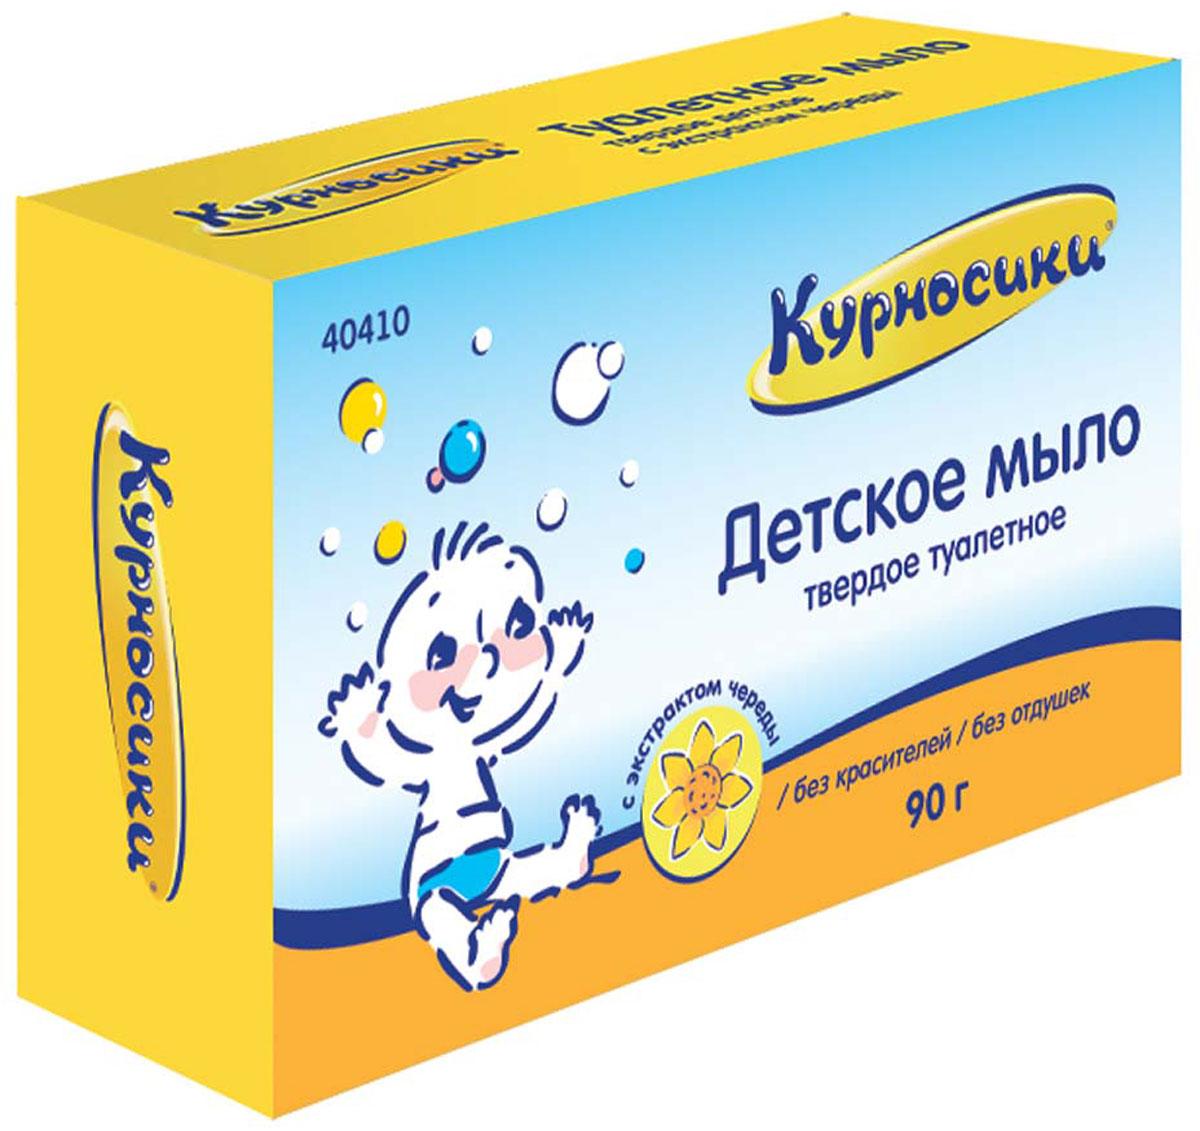 Курносики Мыло Детское с экстрактом череды 90 г40410Мыло детское Курносики специально разработано для ухода за самой нежной и чувствительной кожей новорожденных. Детское мыло мягко и бережно очищает кожу малыша. Мыло изготовлено из высококачественных натуральных компонентов, не содержит красителей и ароматизаторов, подходит для ежедневного ухода за кожей детей и взрослых. Мыло не содержит красителей и отдушек. Рекомендуемый возраст: от 0 месяцев. Товар сертифицирован.